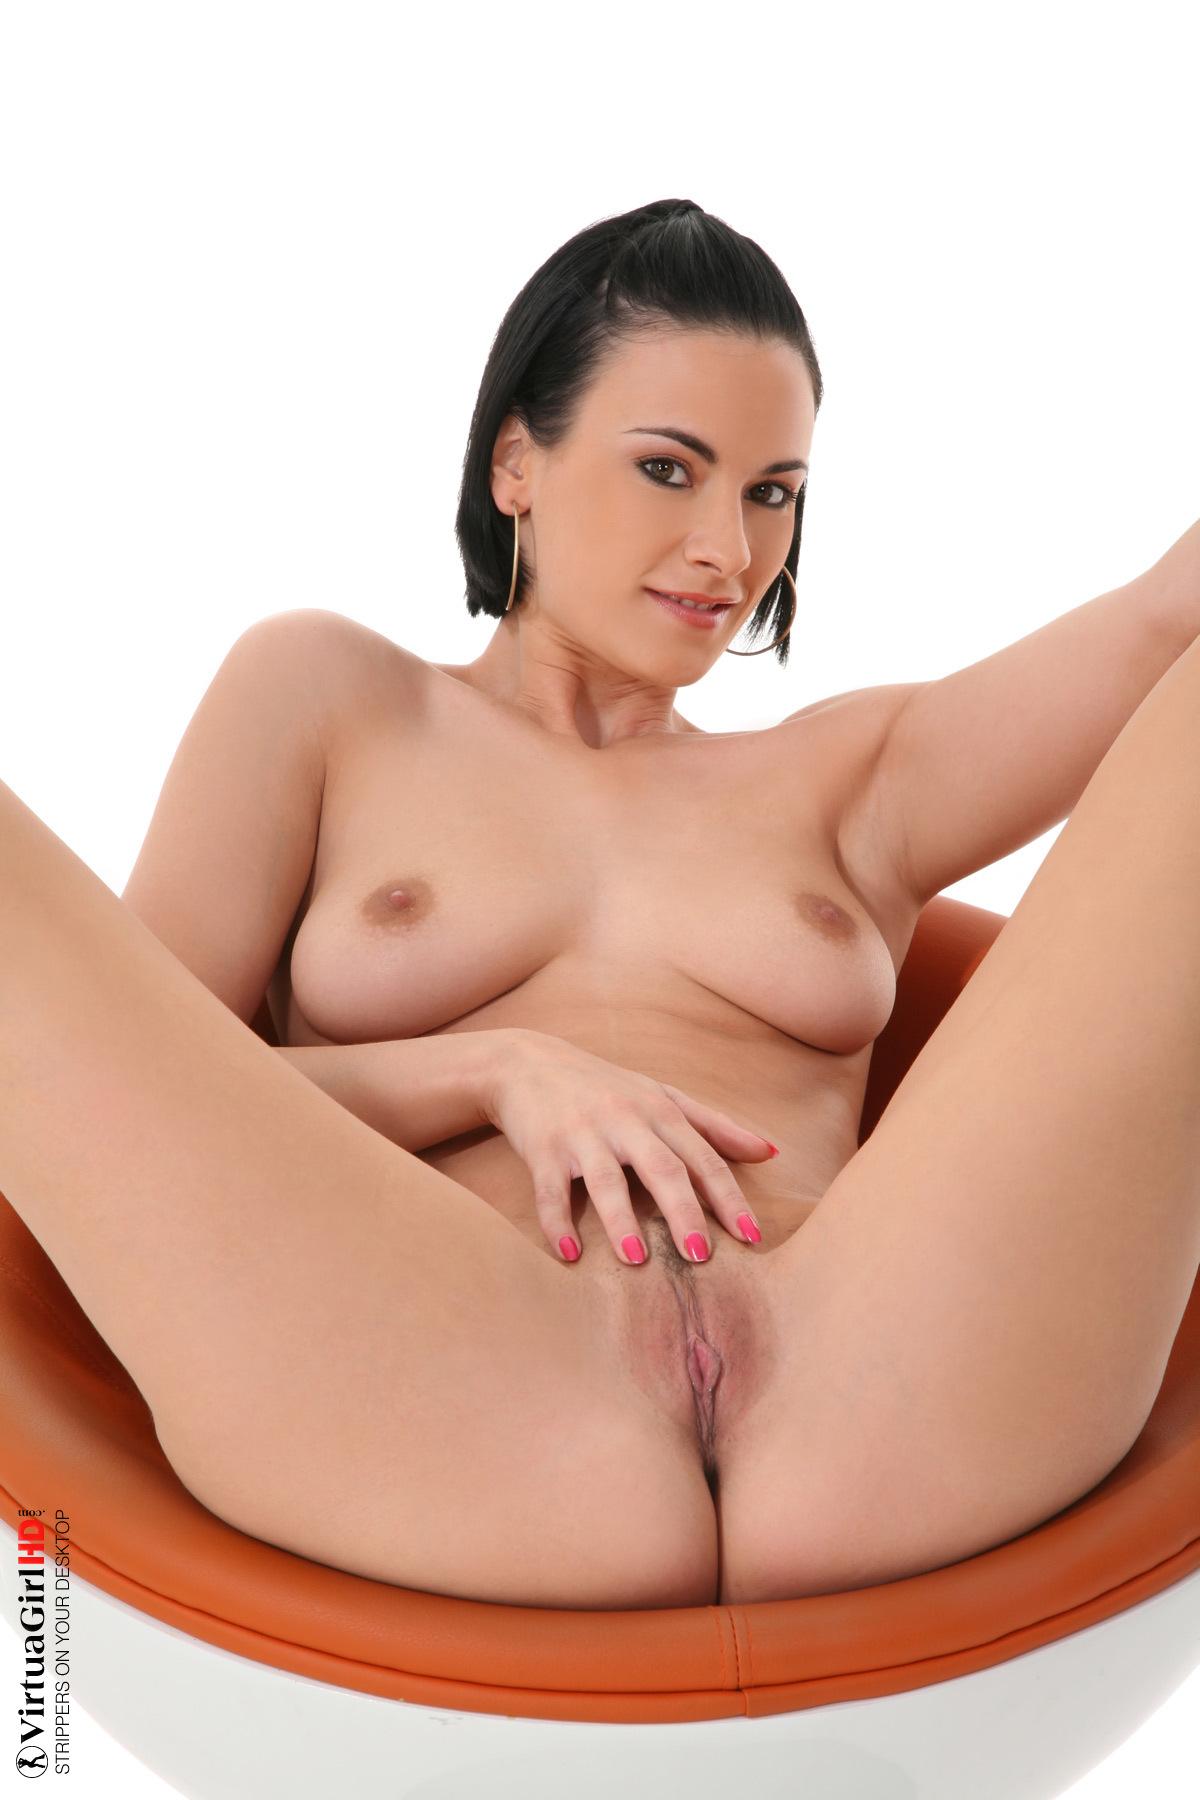 Claire castel porn